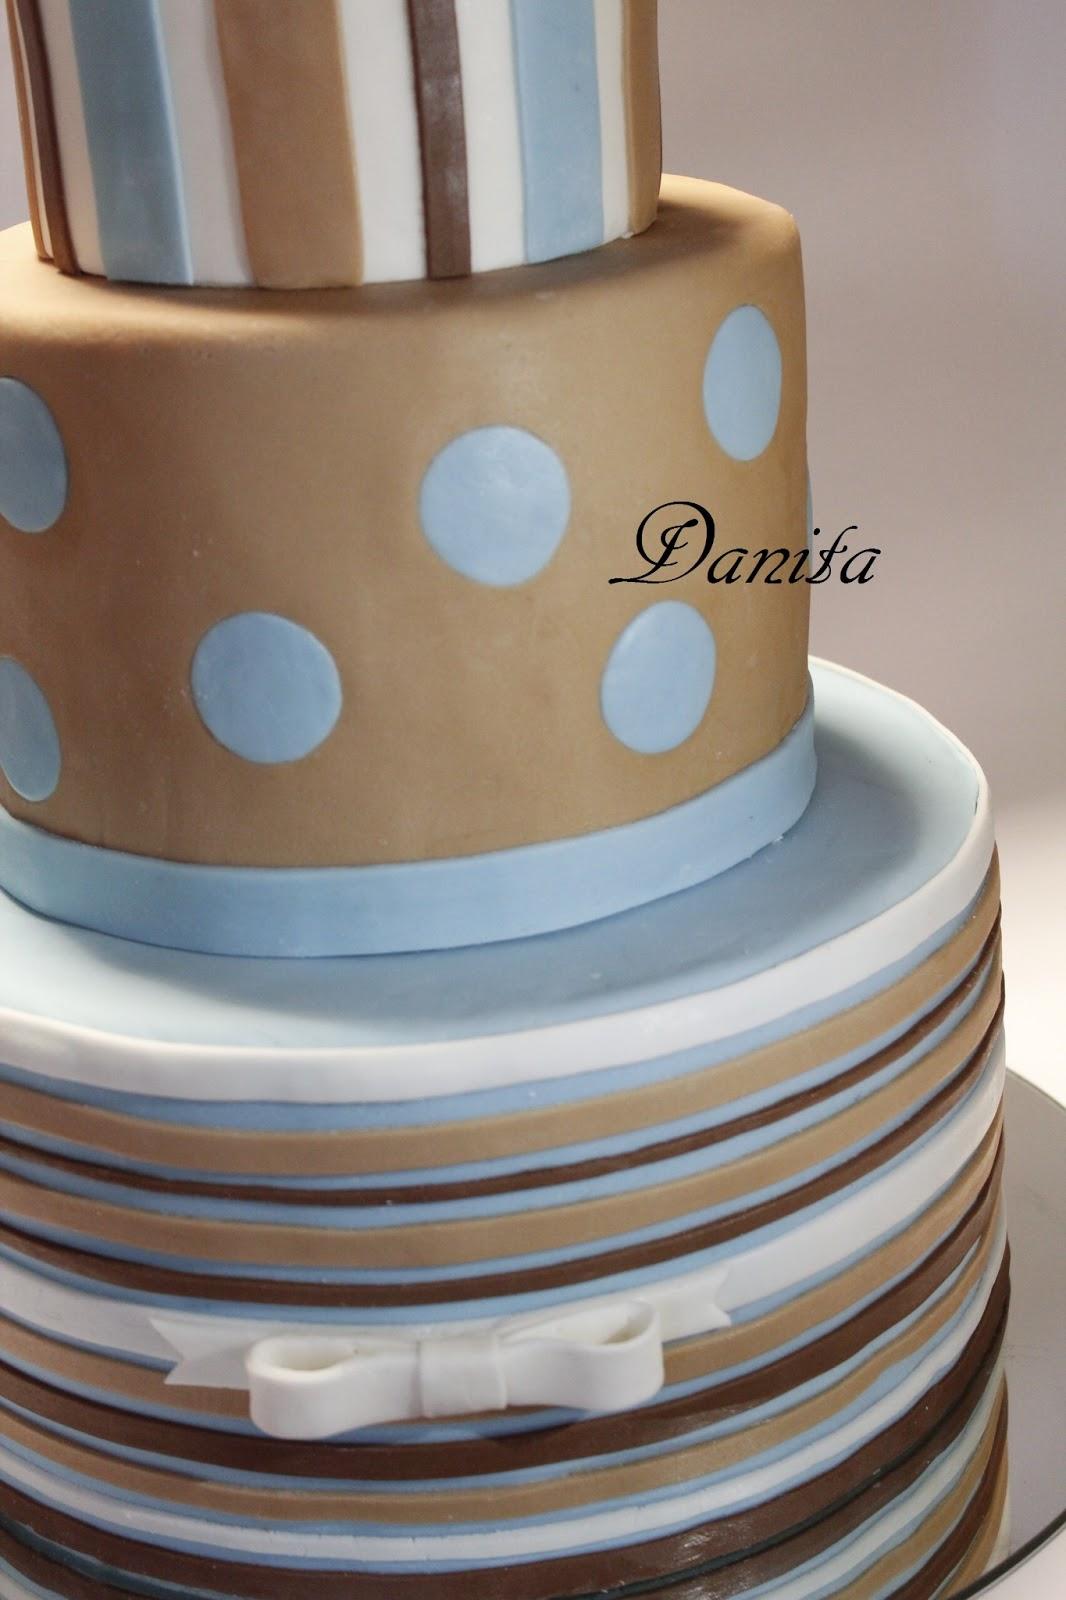 Top Le leccornie di Danita: Torta a righe e pois per comunione VL62